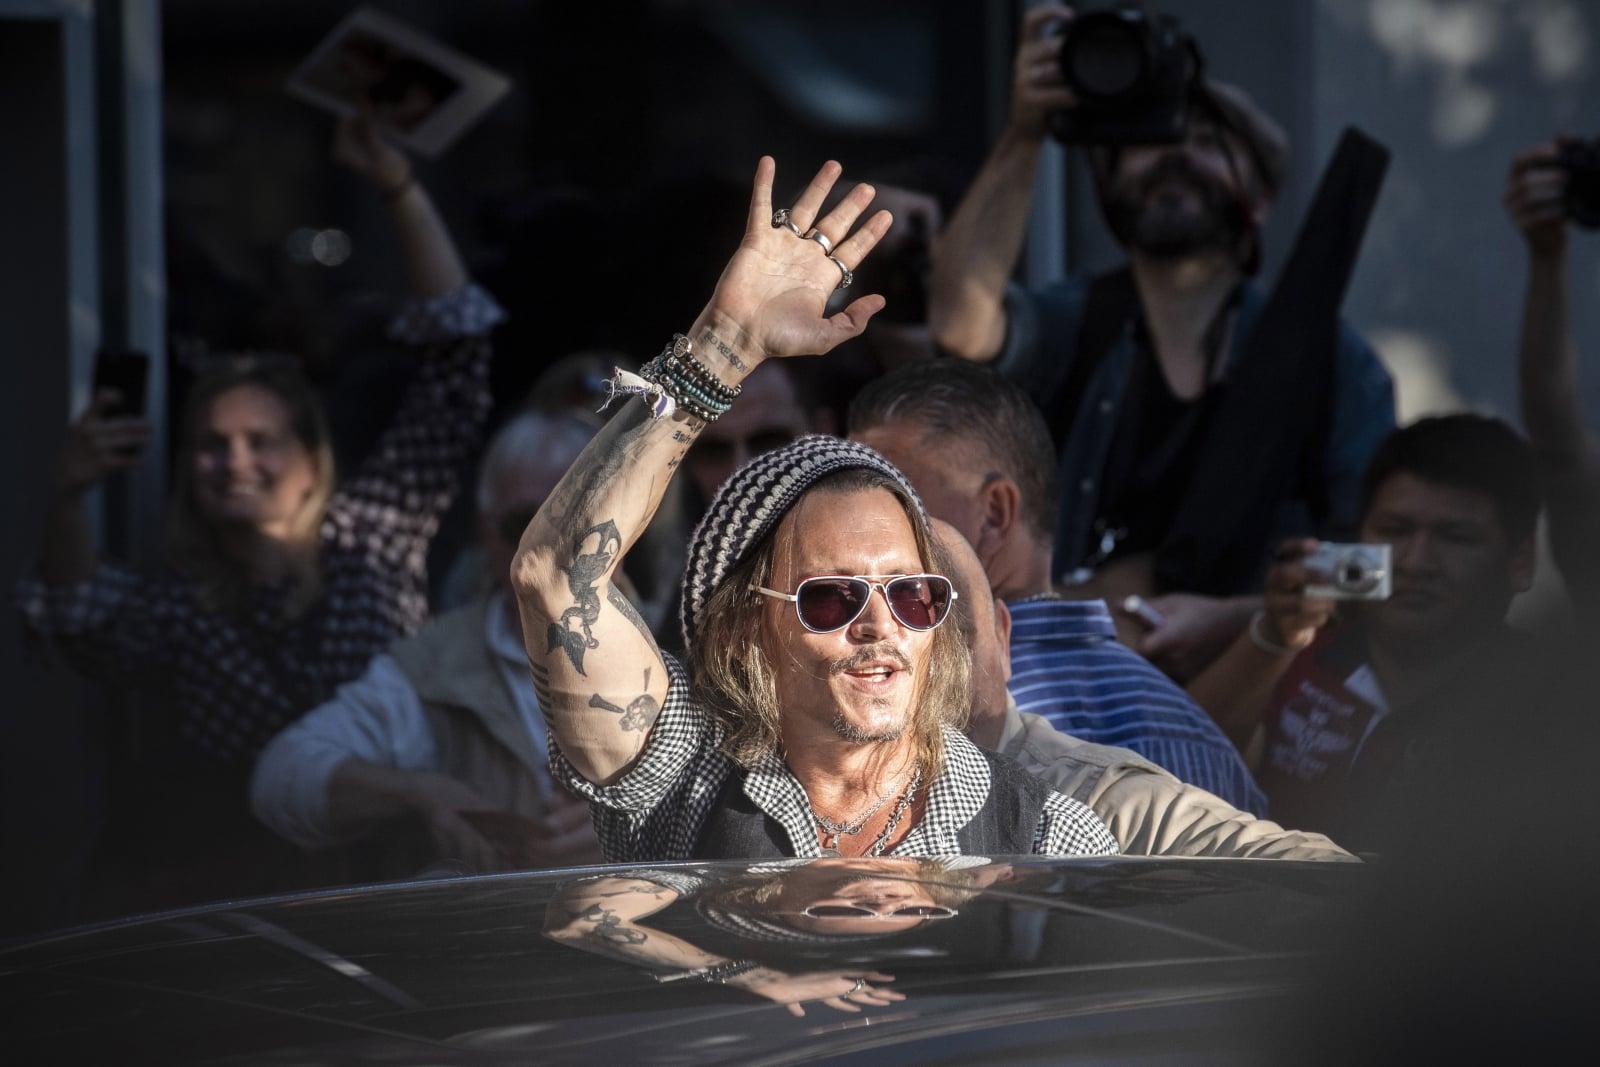 Johhny Depp na festiwalu filmowym w Zurichu  EPA/ENNIO LEANZA